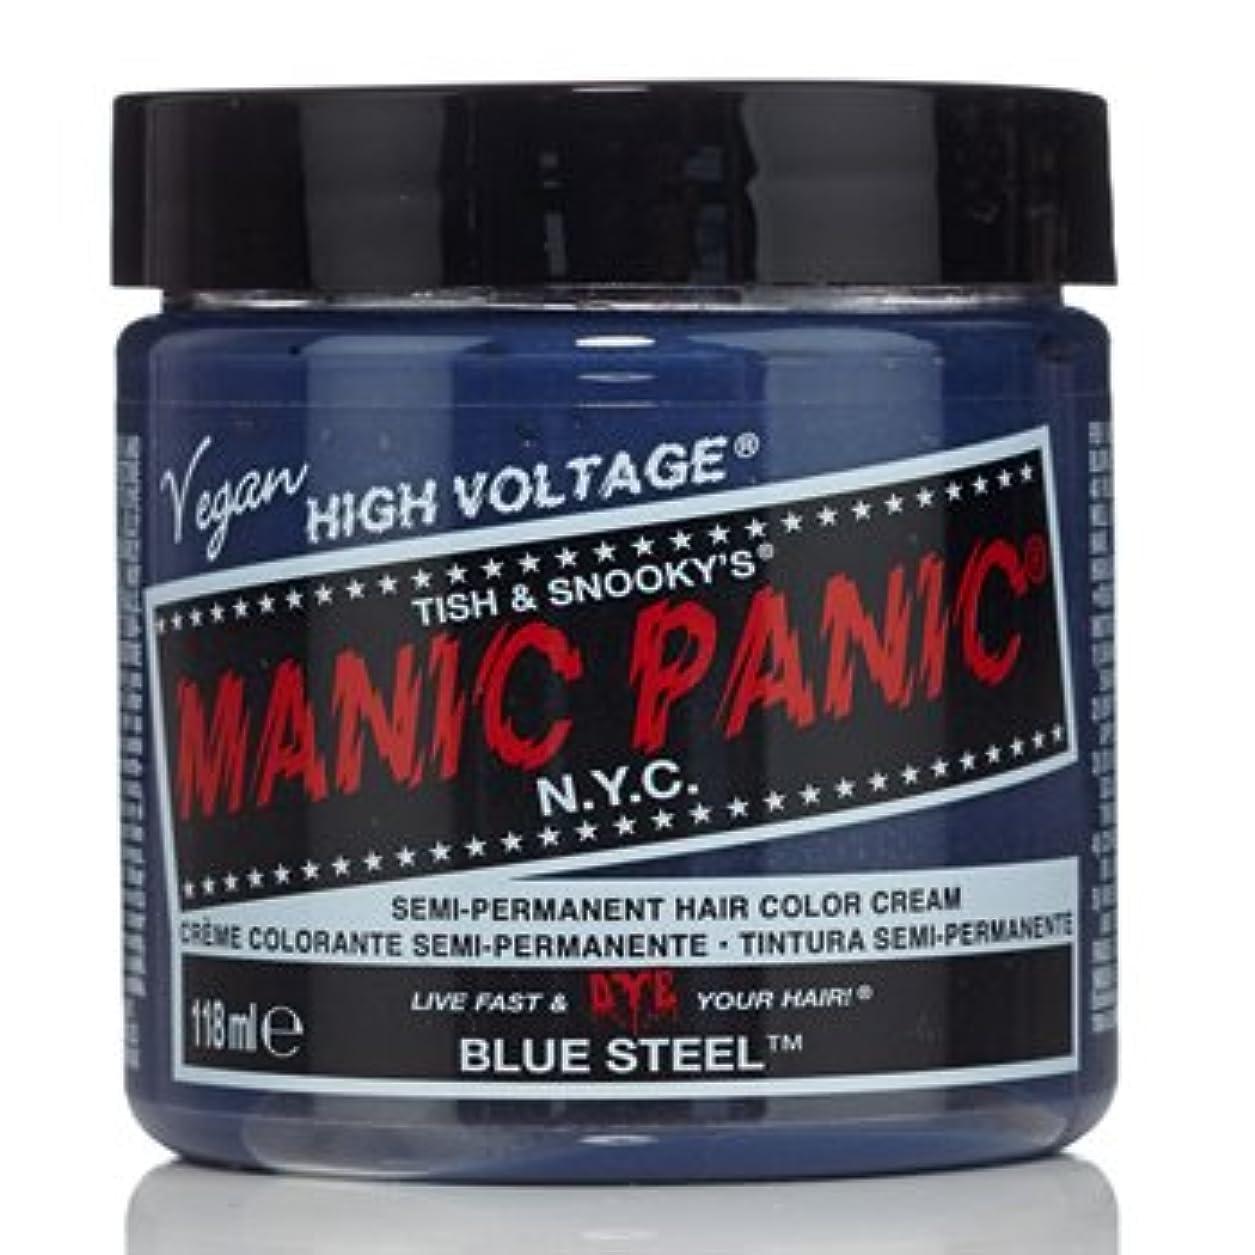 仕事に行くラフト拒否【3個セット】MANIC PANIC マニックパニック ブルースティール MC11052 118ml